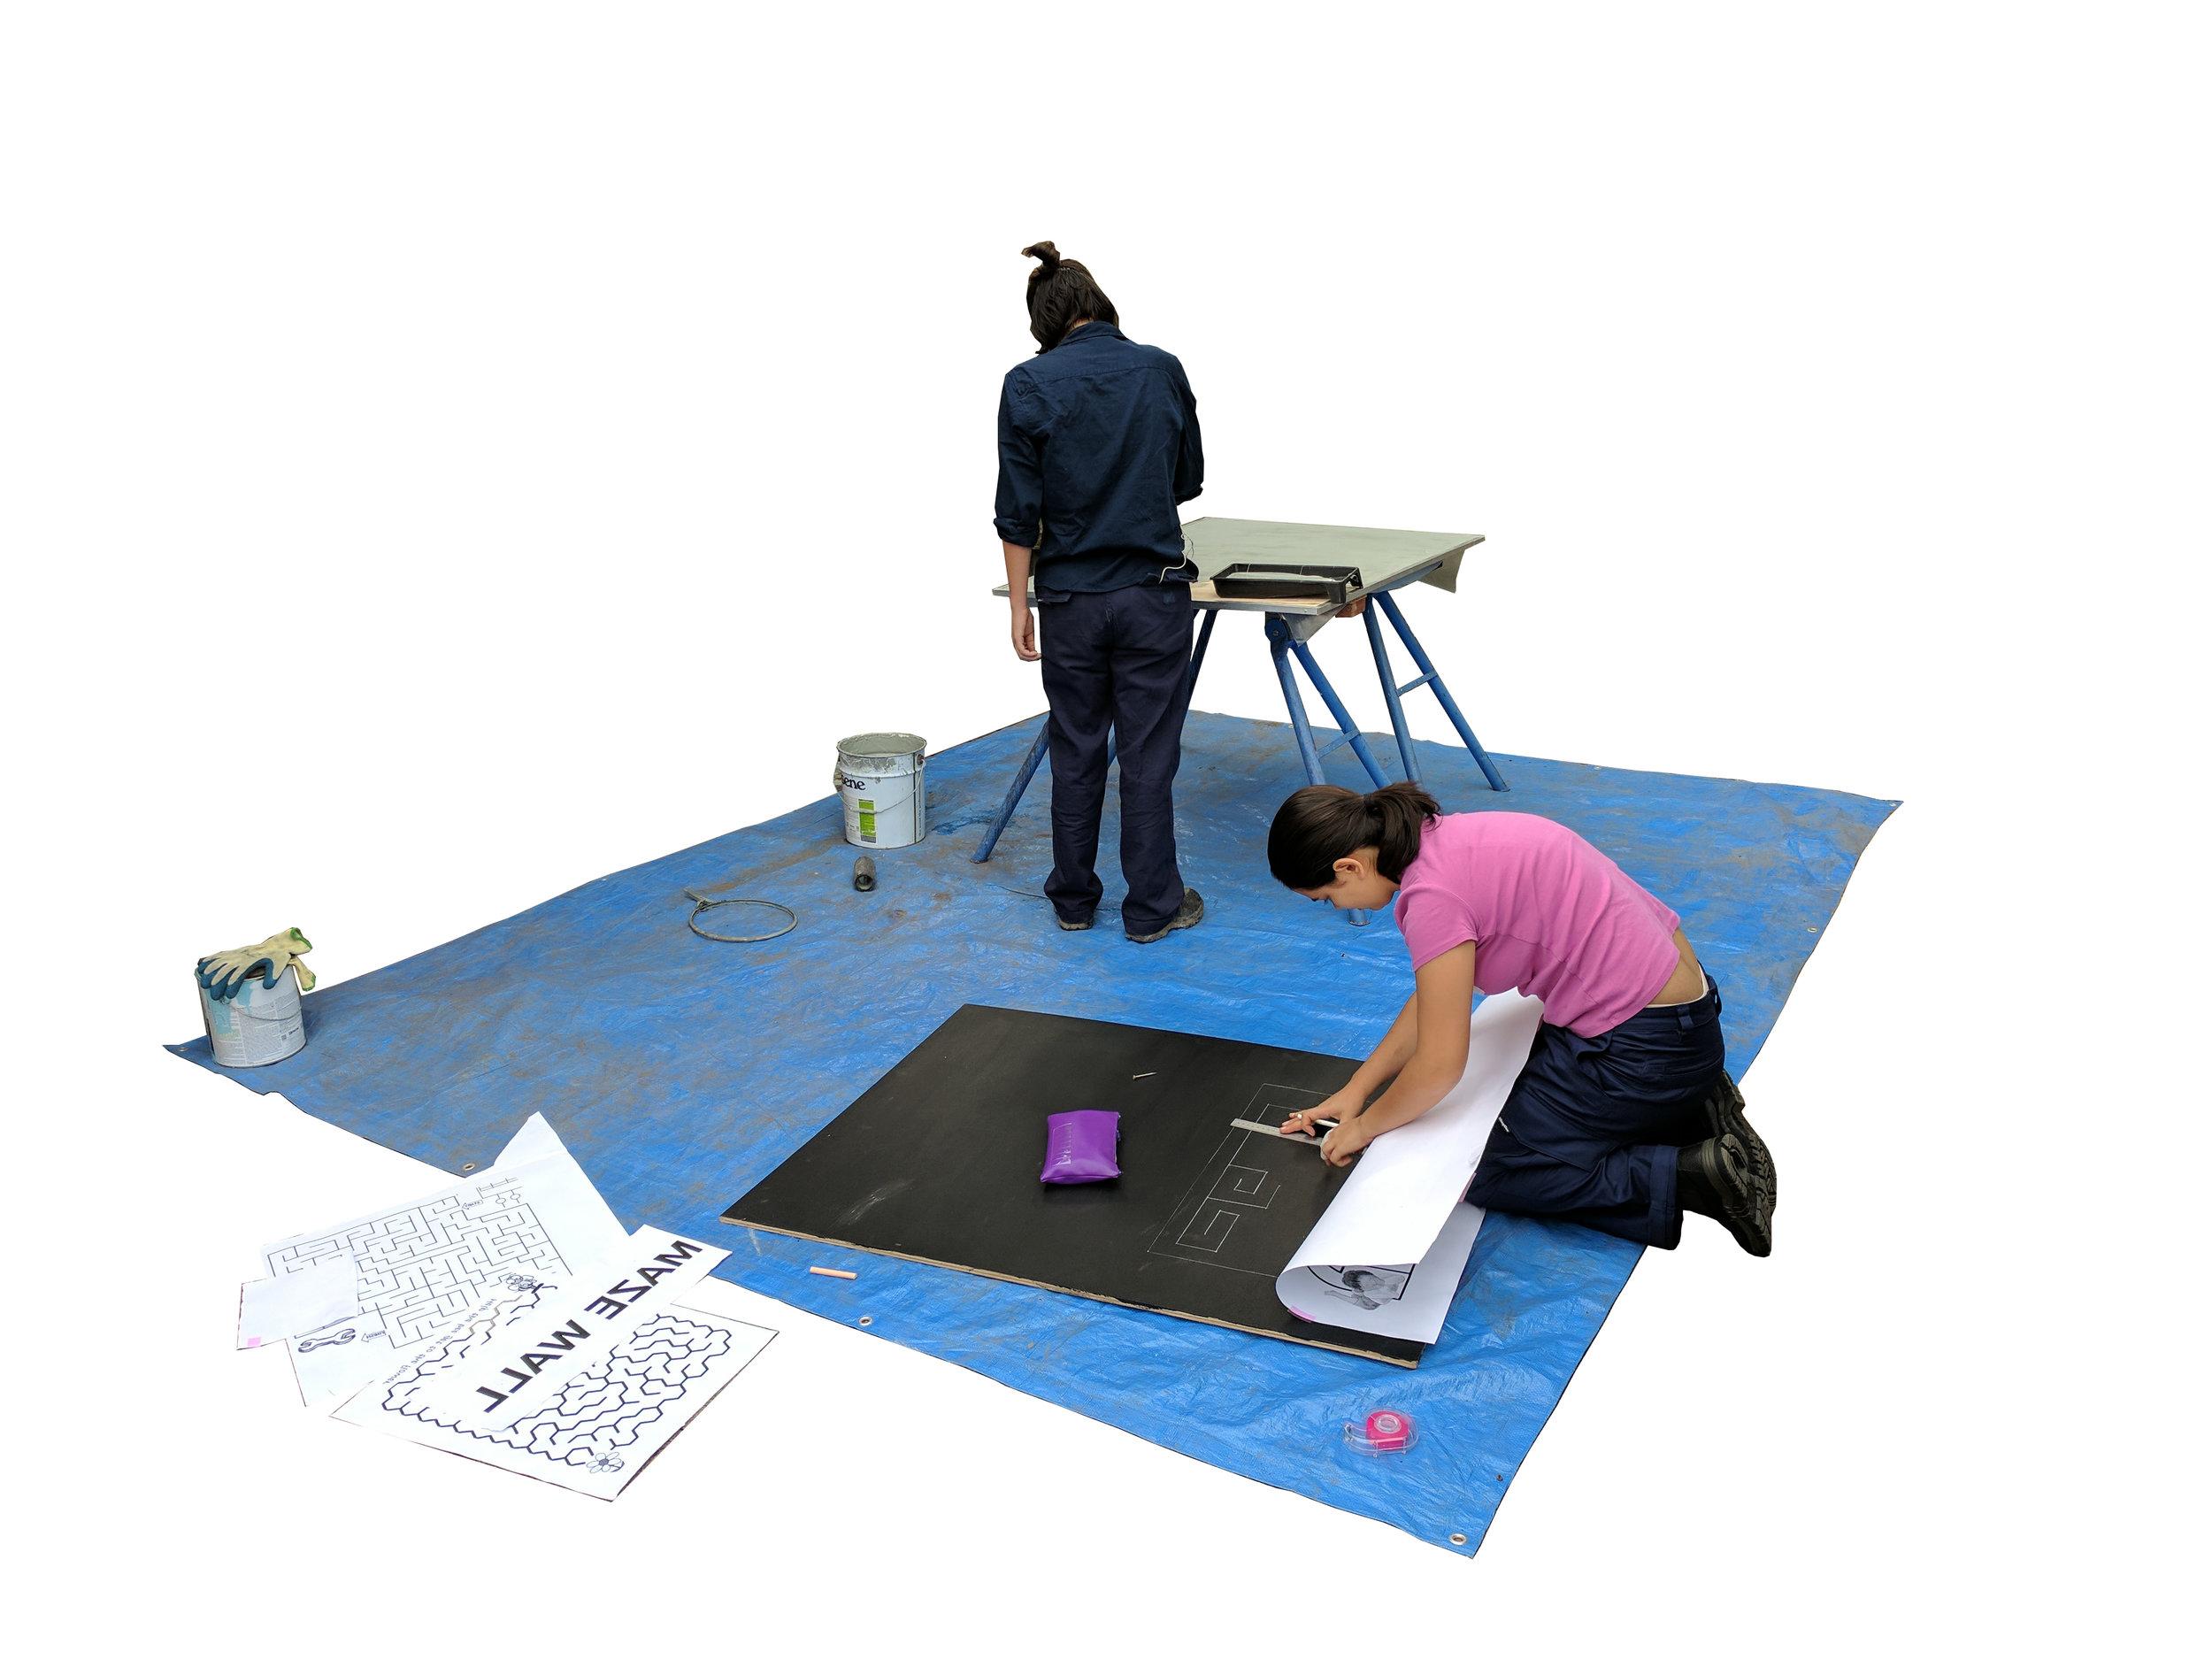 janai and Jemima painting copy.jpg